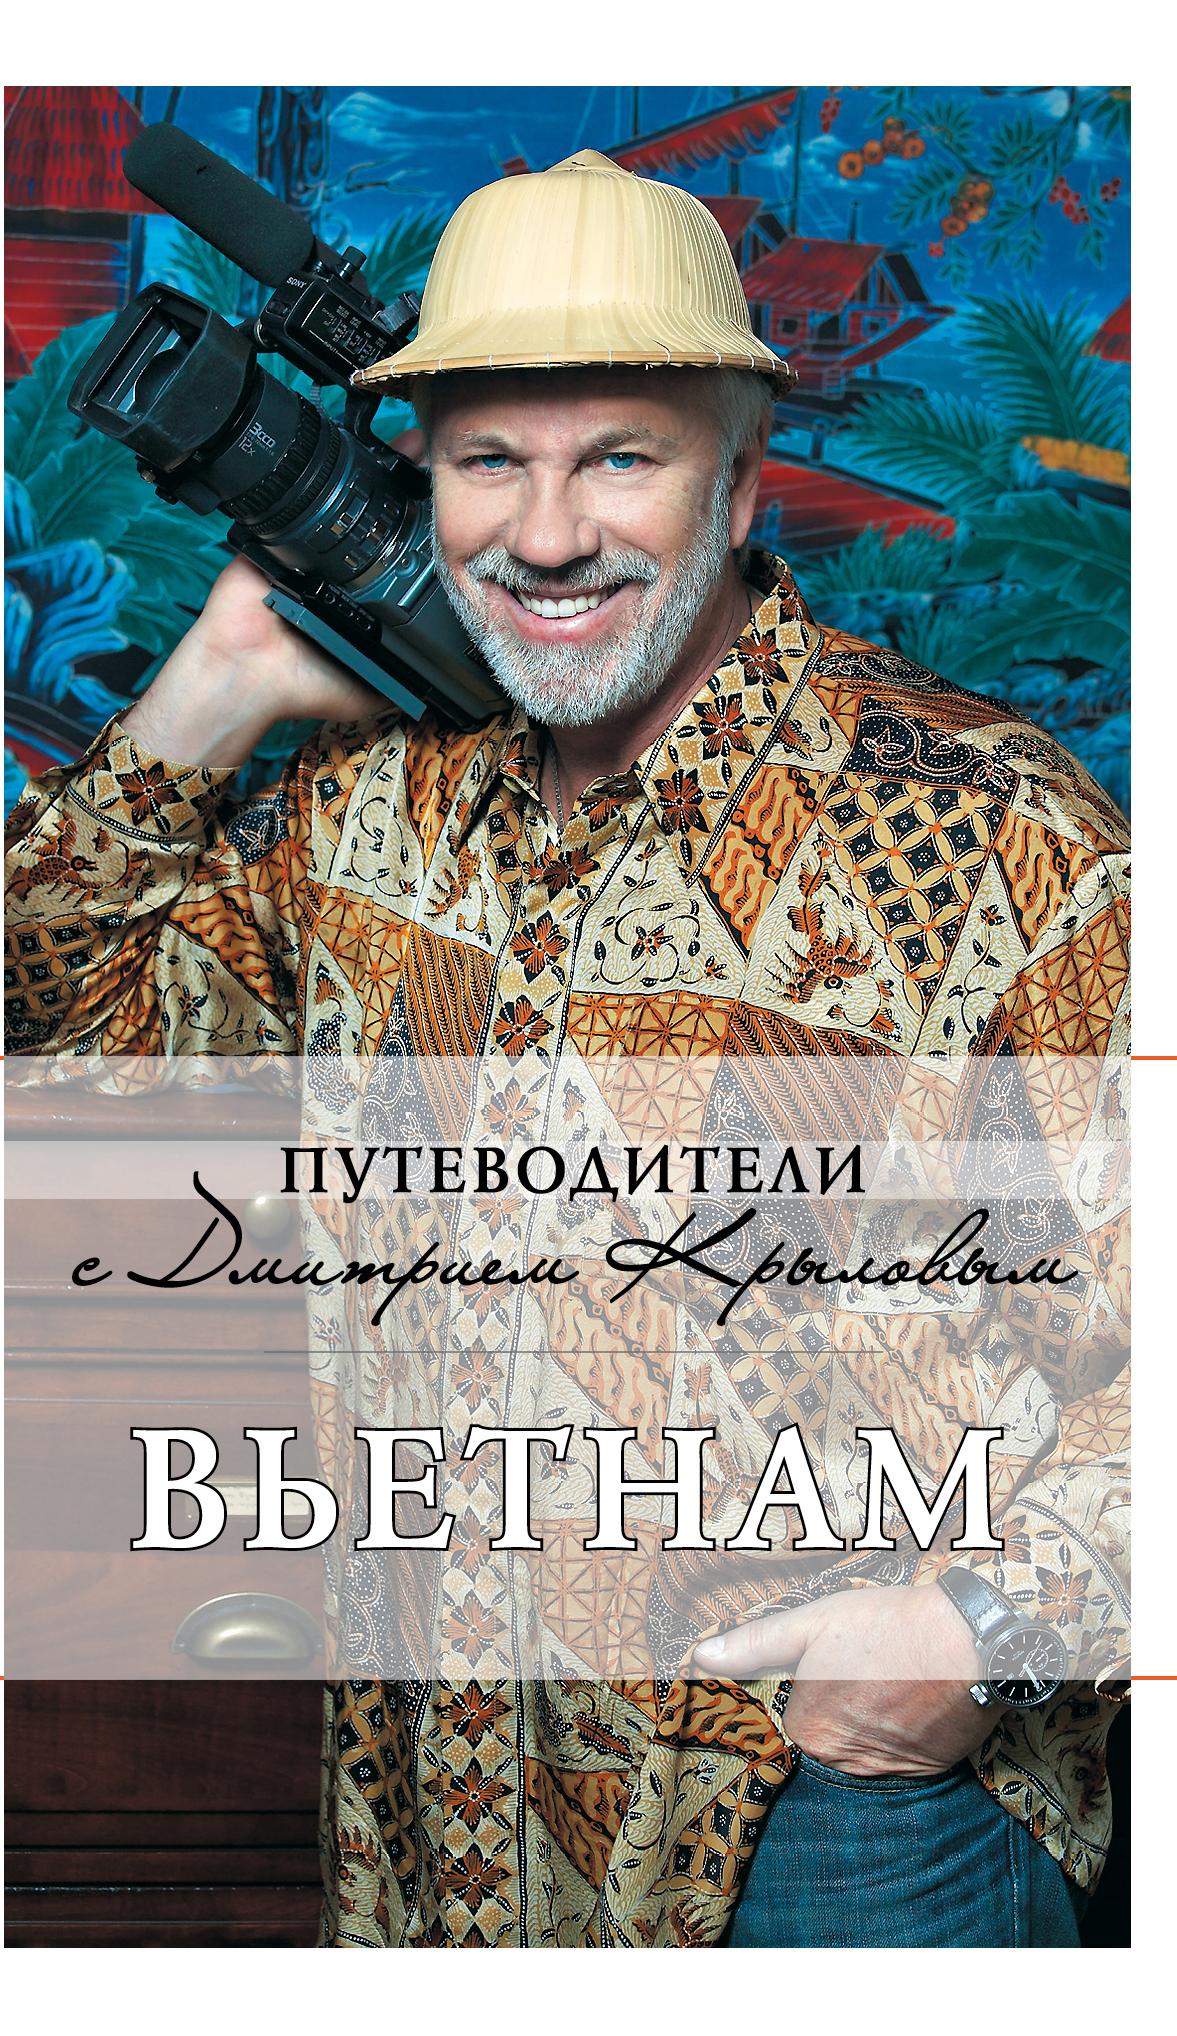 Вьетнам. 2-е изд., испр. и доп. (+DVD) крылов д болгария путеводитель dvd 2 е изд